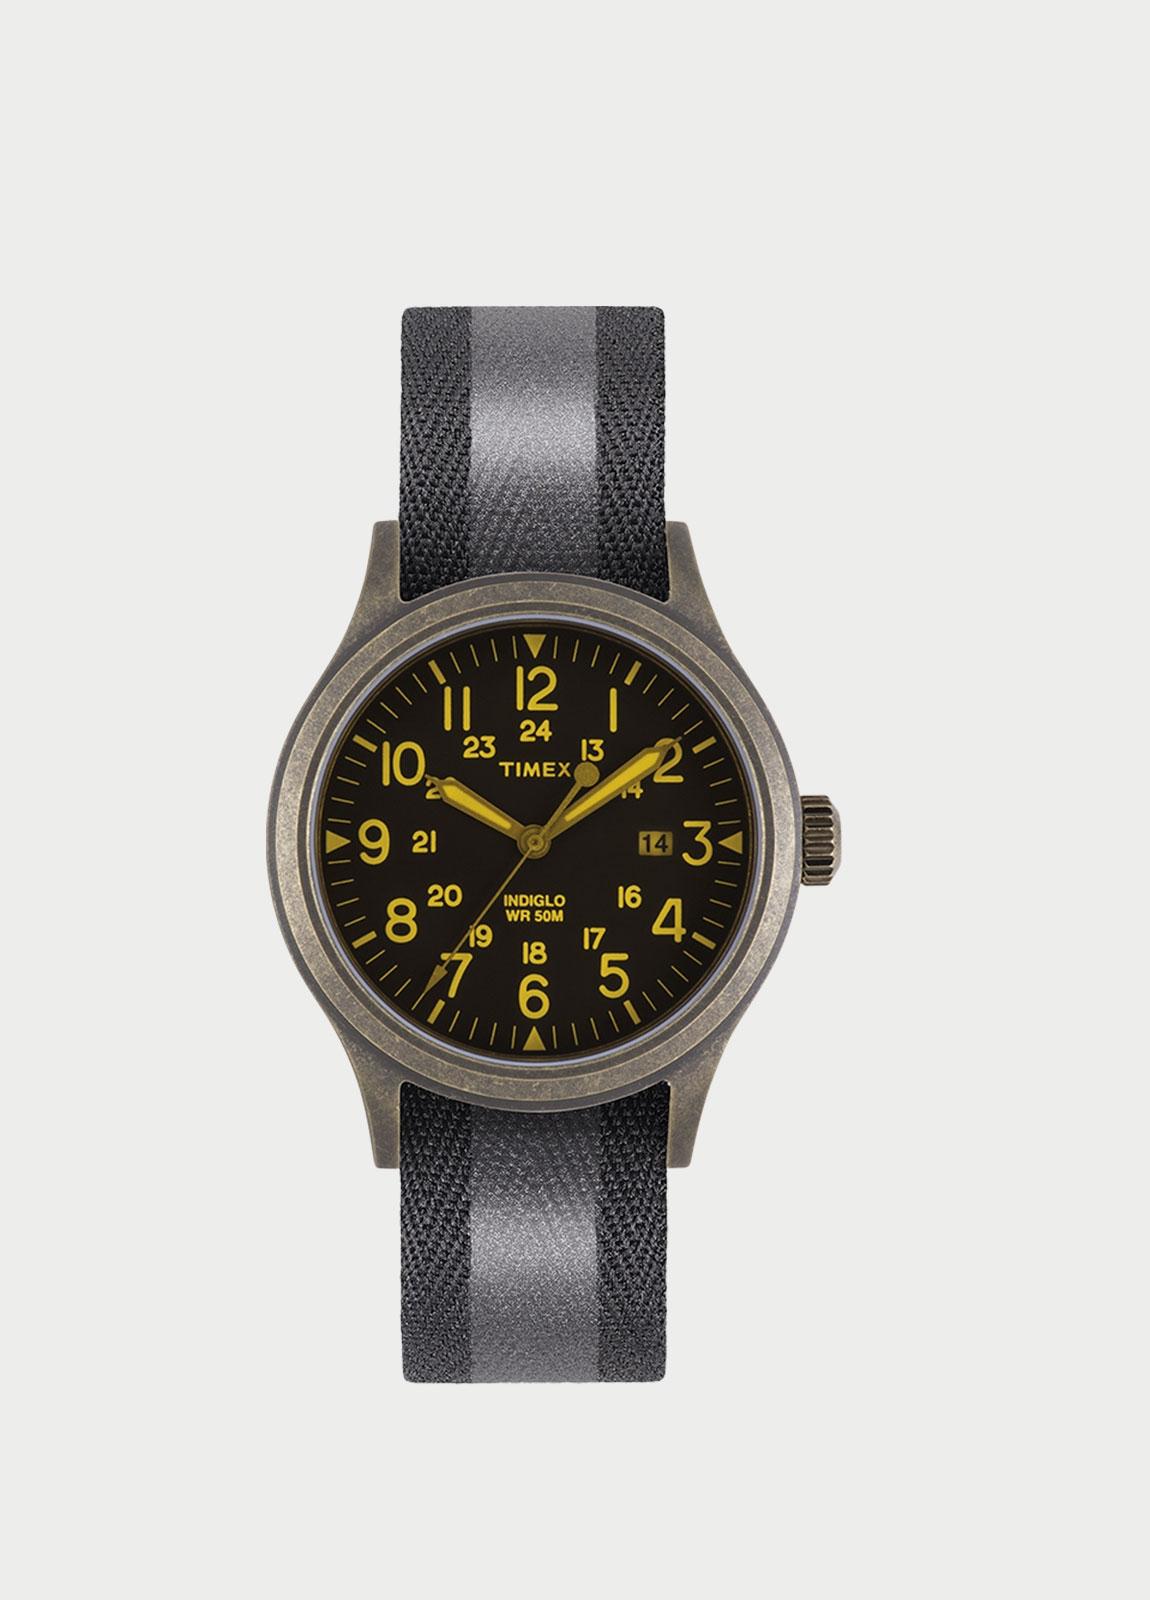 Caja Reloj Timex negro. (La correa se vende por separado).